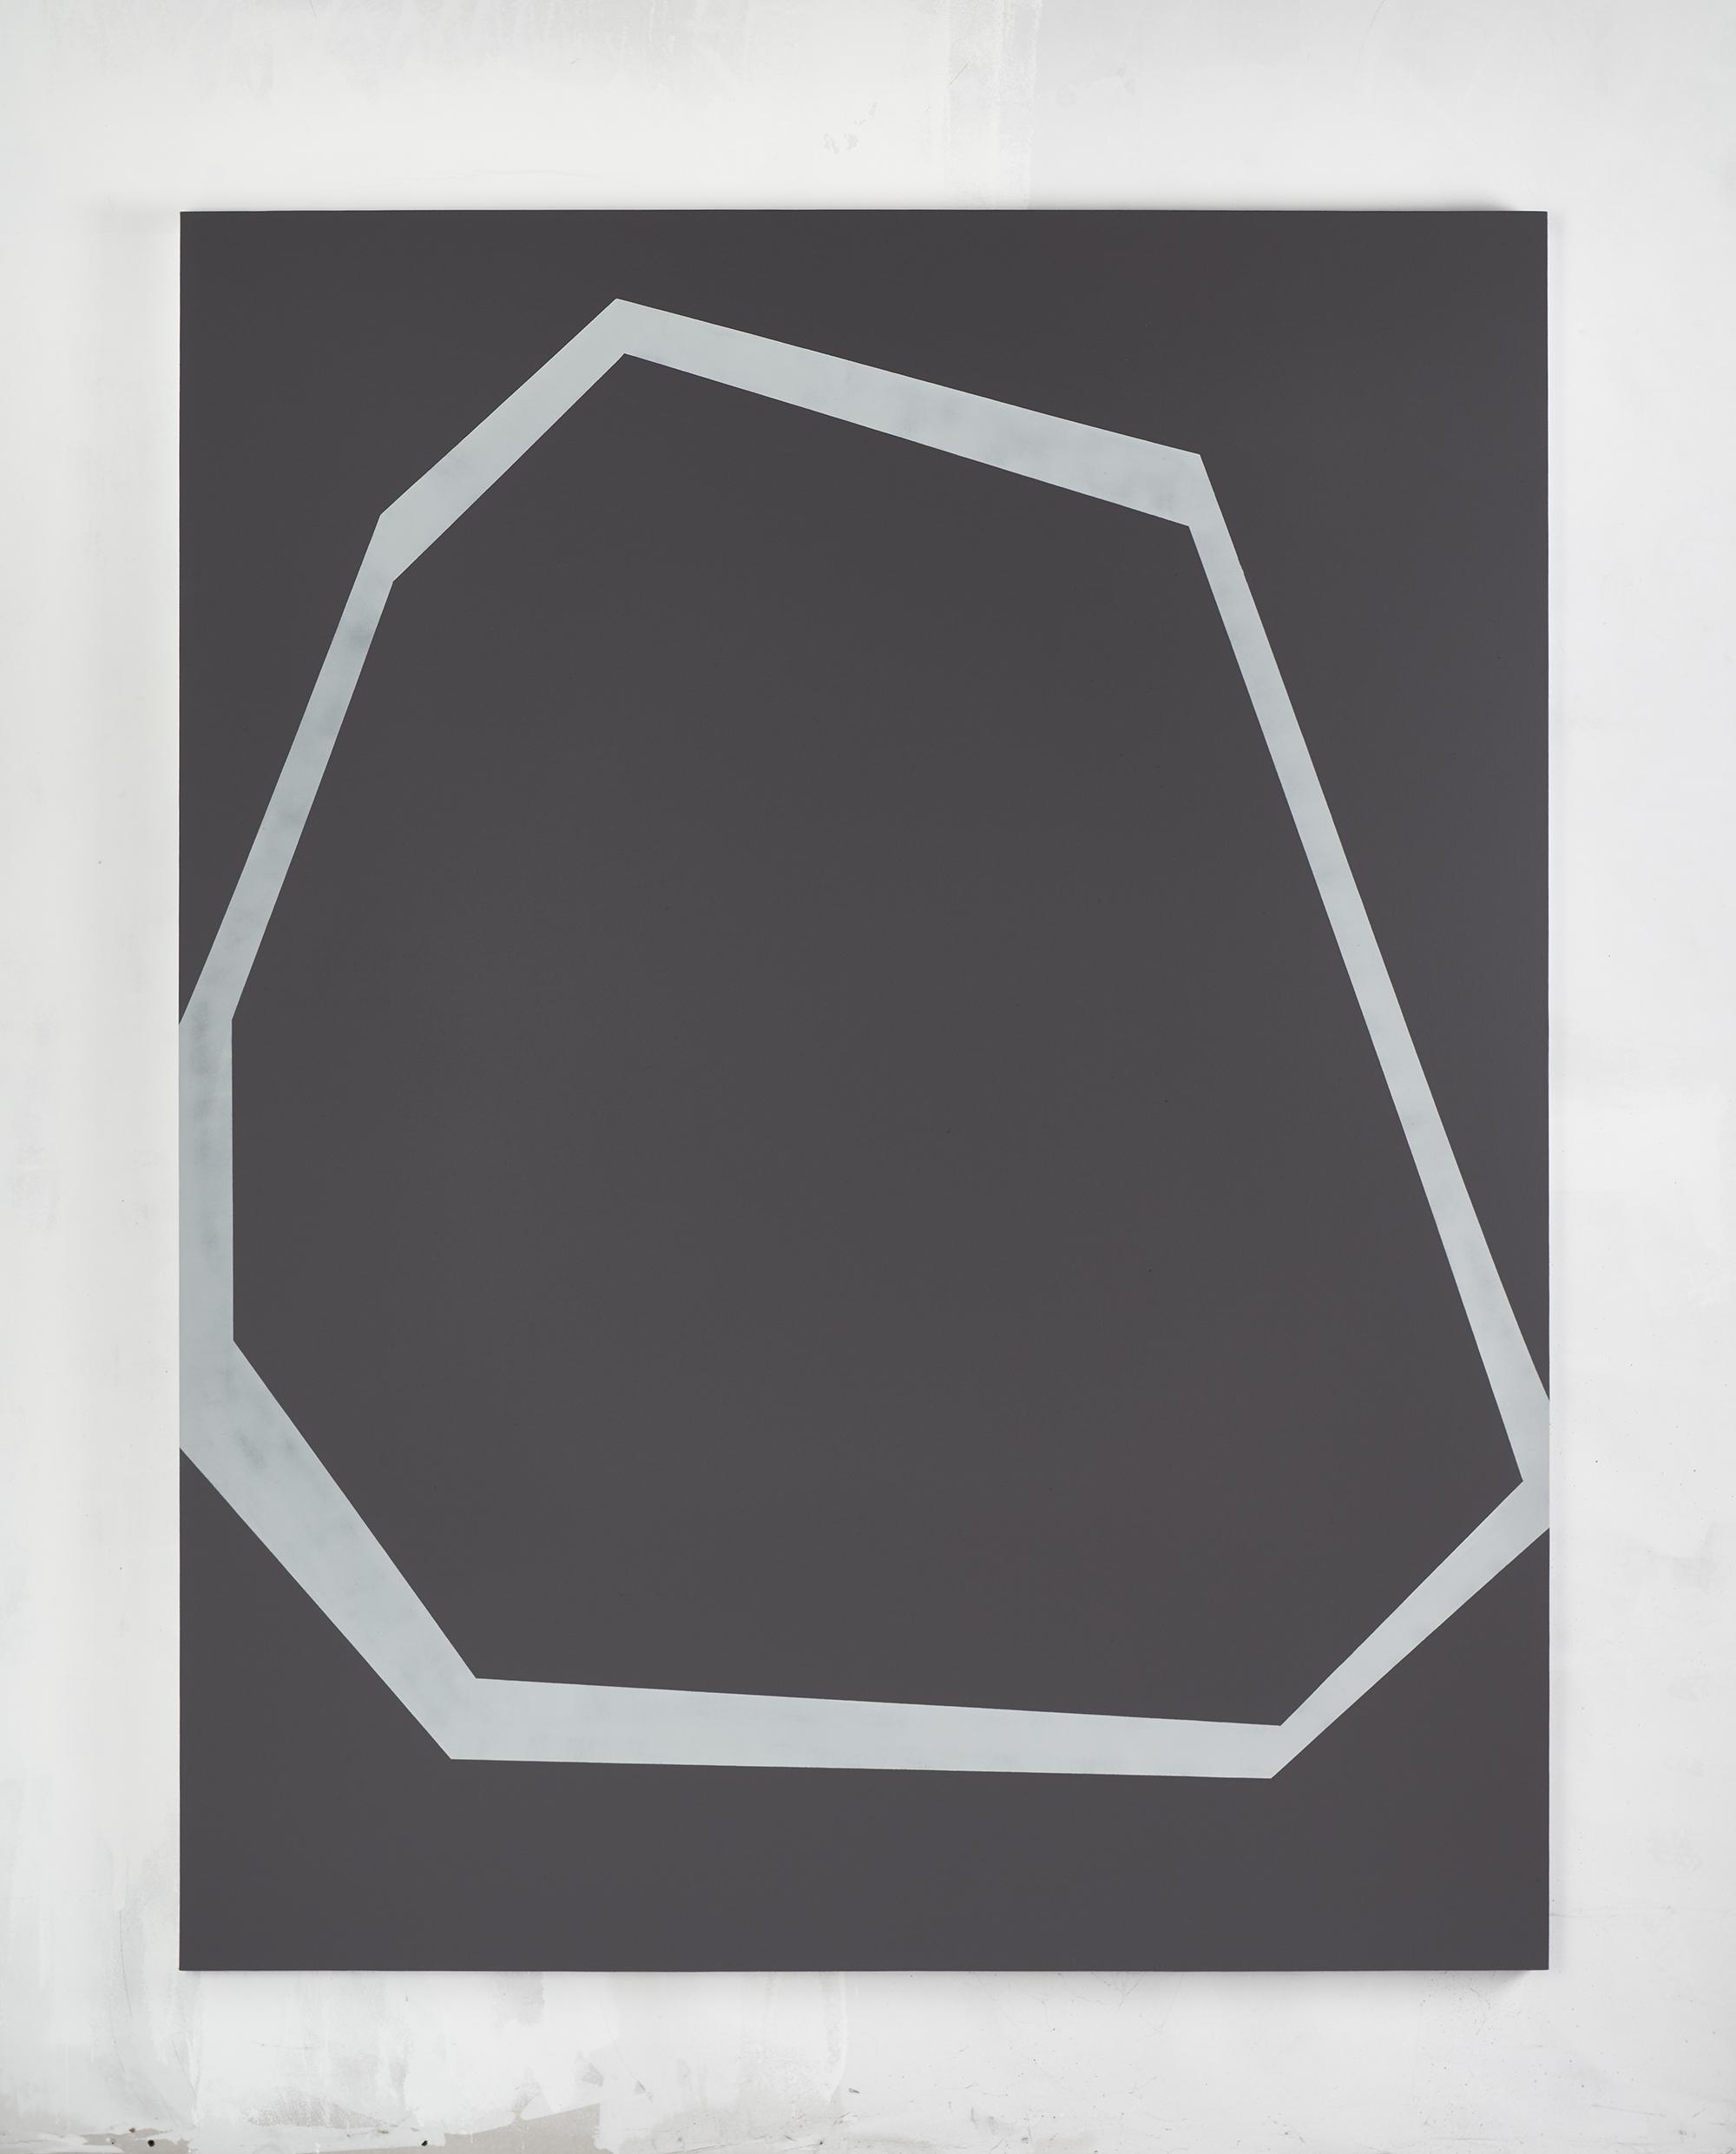 Michele Lombardelli, senza titolo, 2018, tempera su lino, 180x140cm